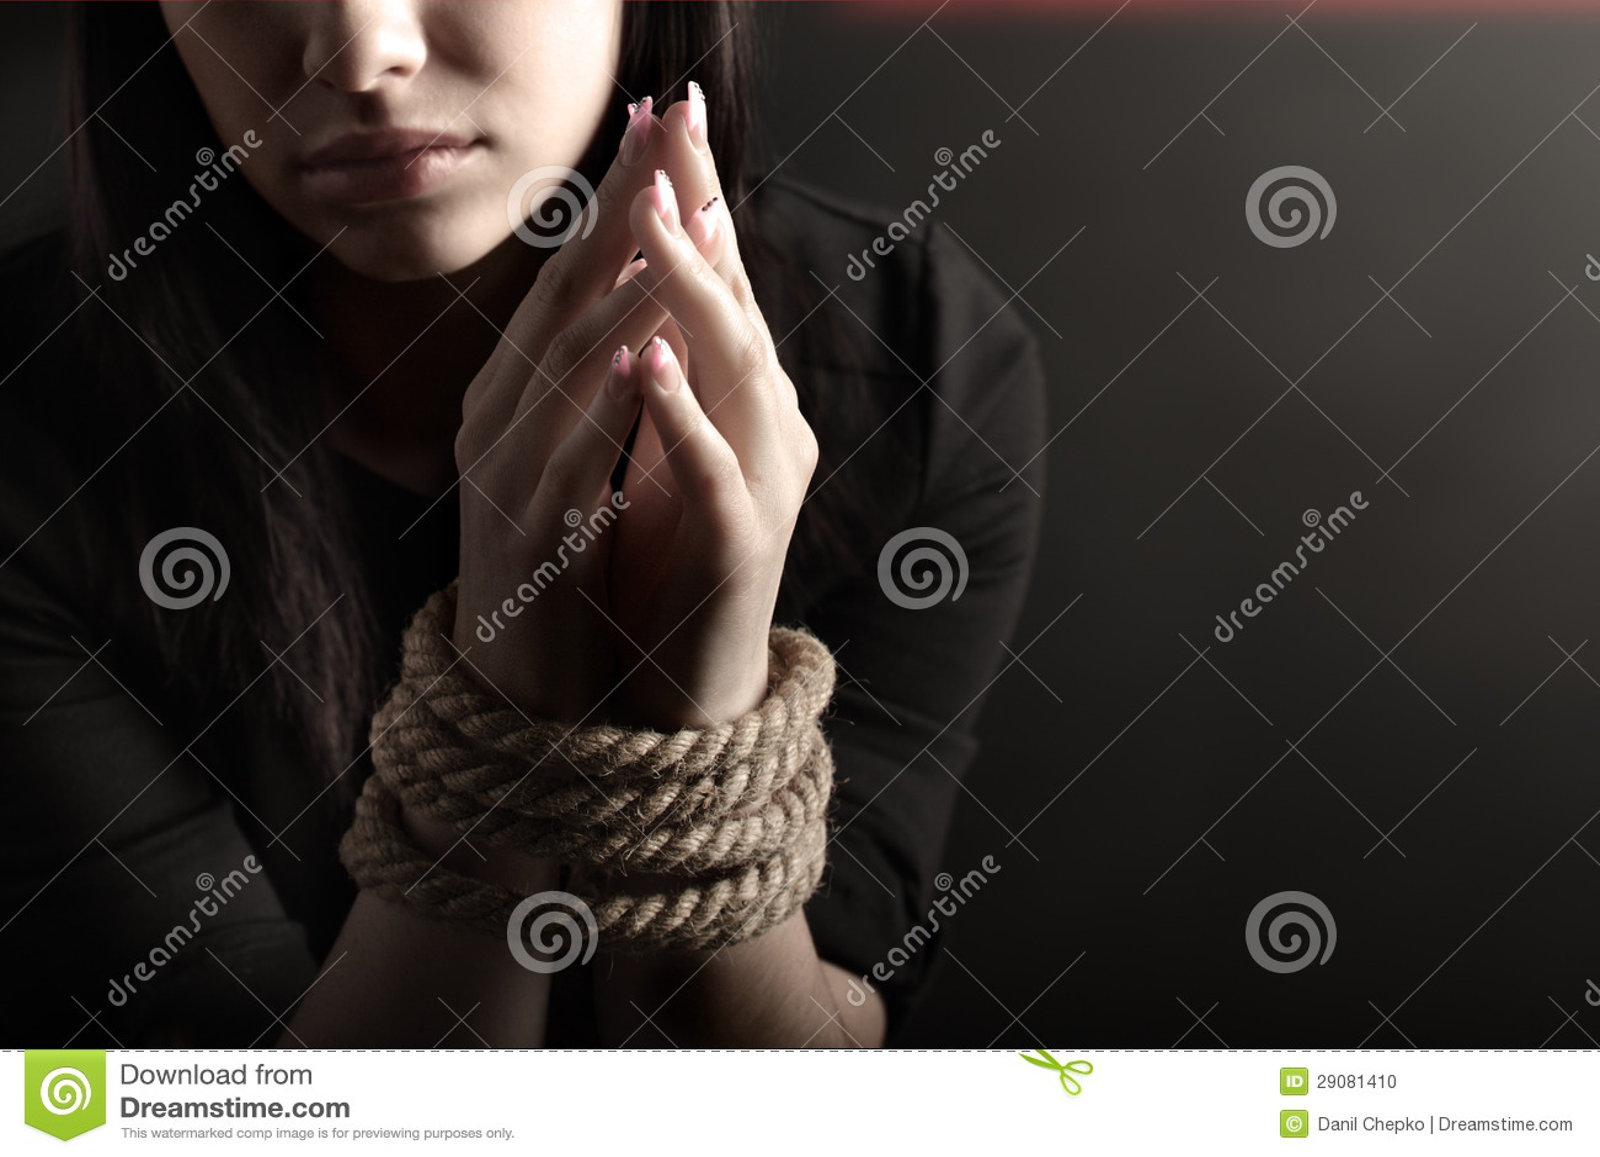 Связанные руки девушек фото 696-734